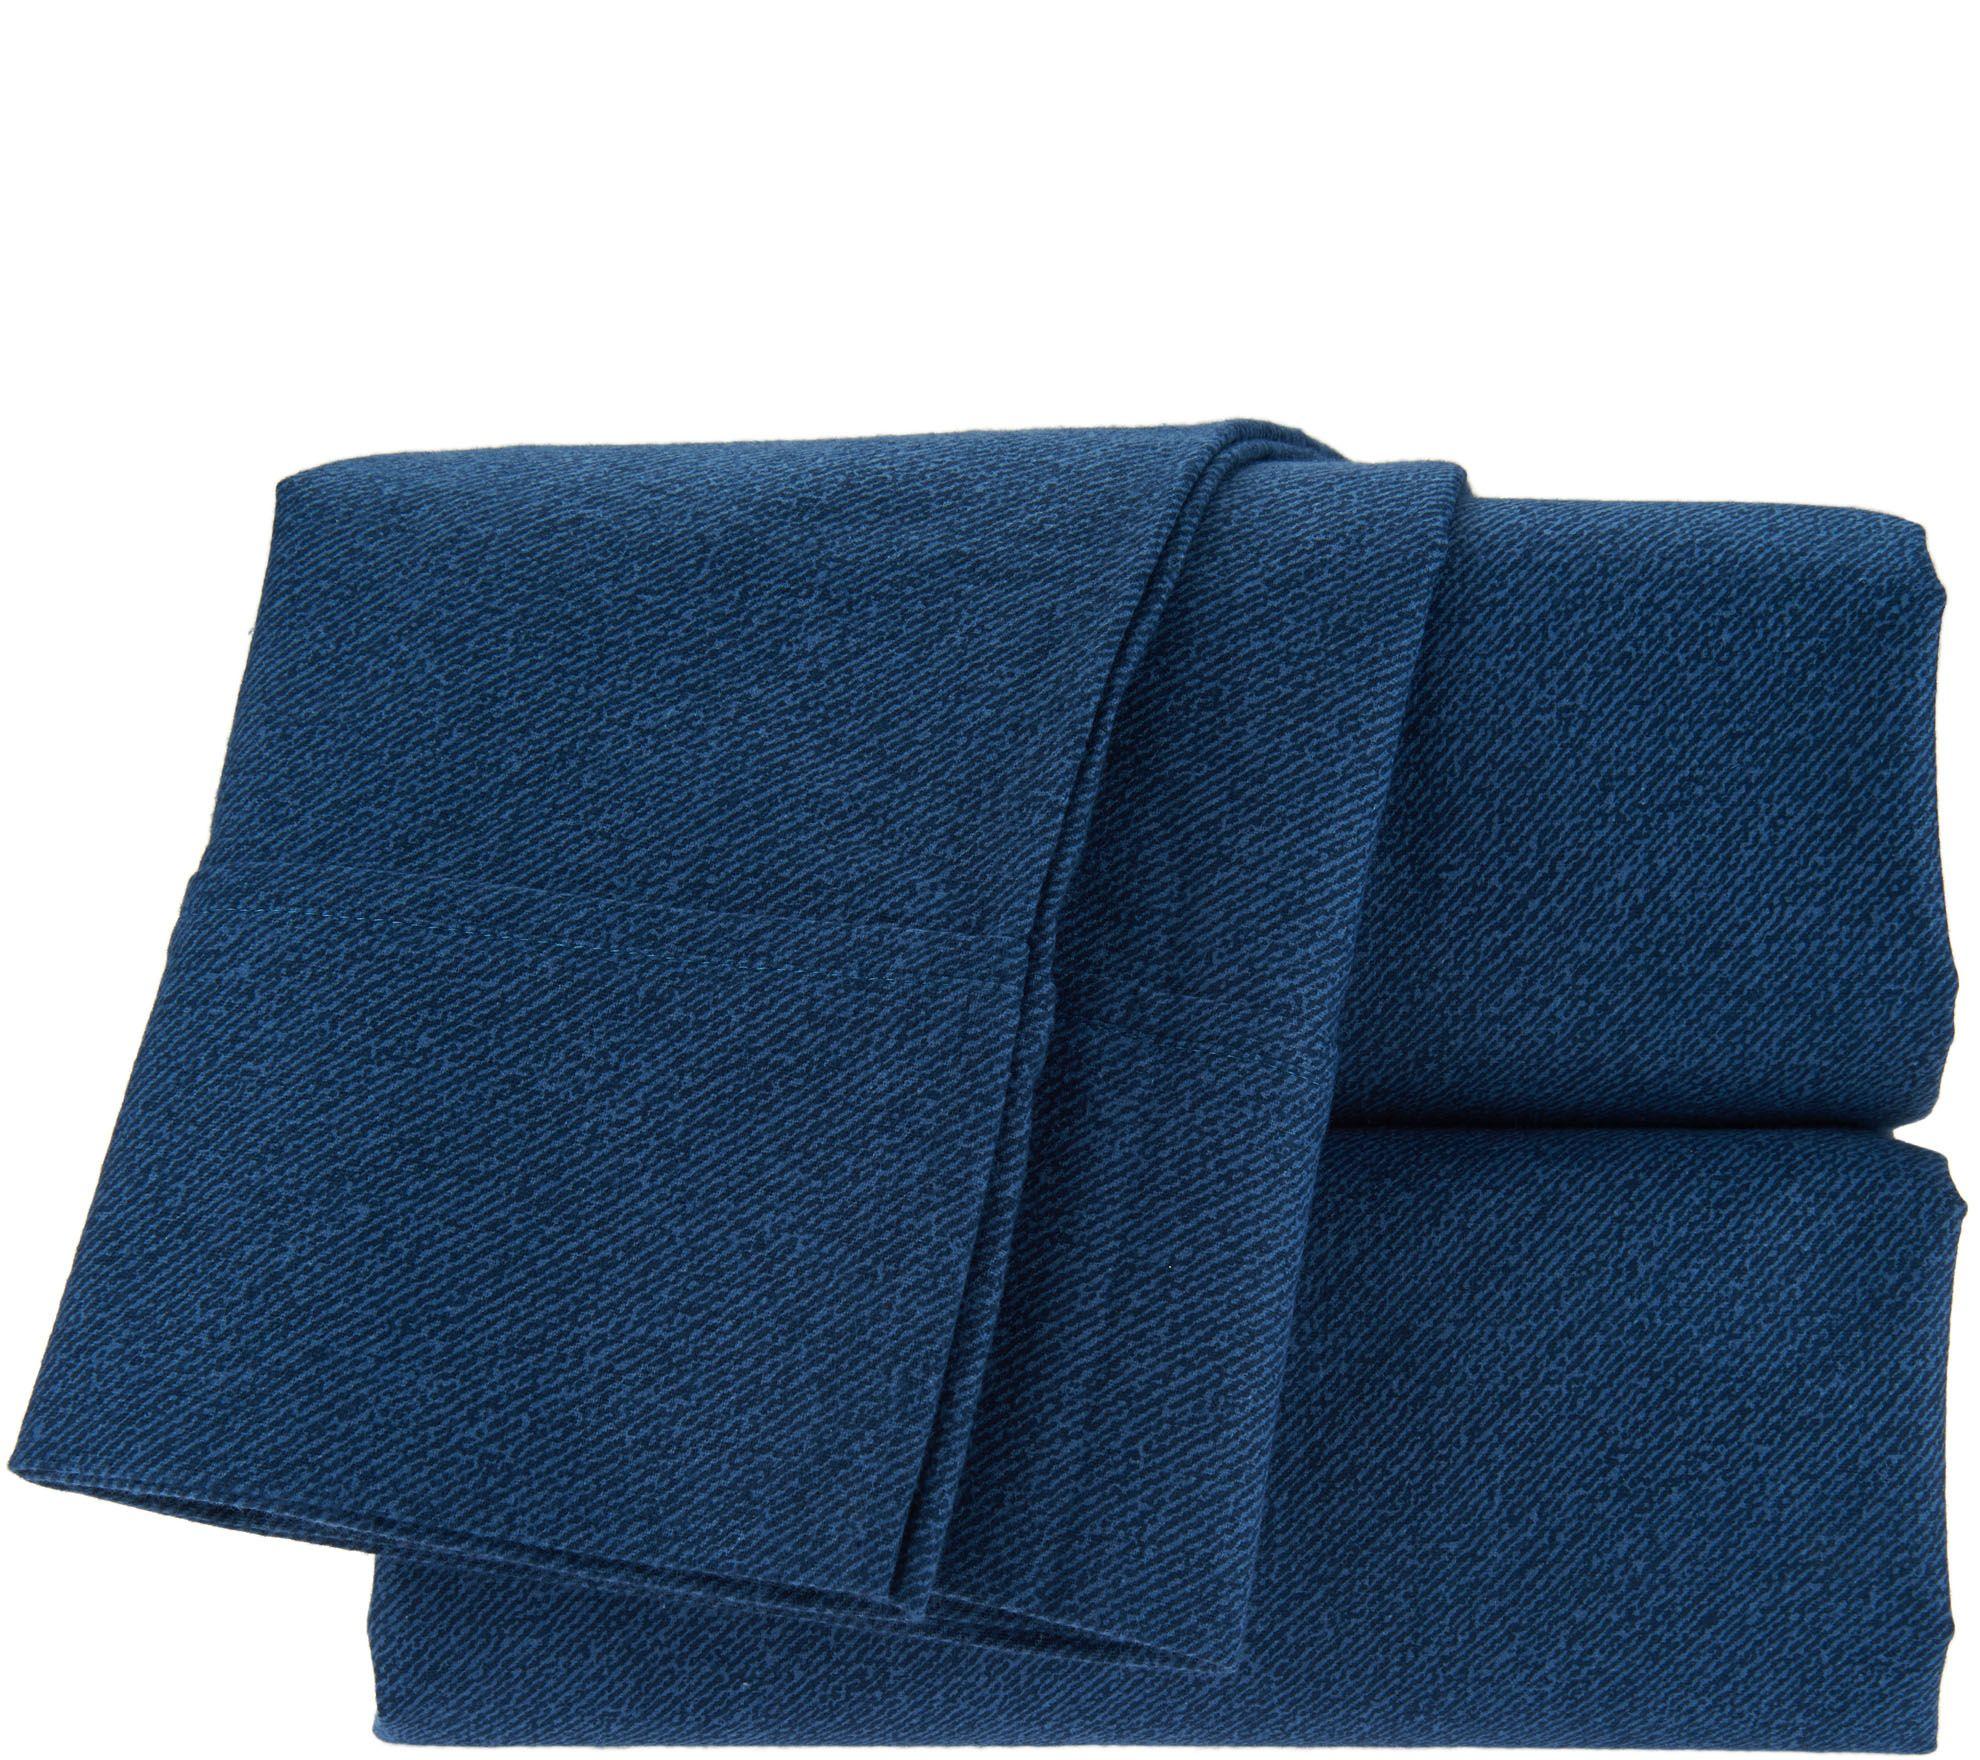 northern nights 175gsm 100 flannel full sheet set w bed. Black Bedroom Furniture Sets. Home Design Ideas